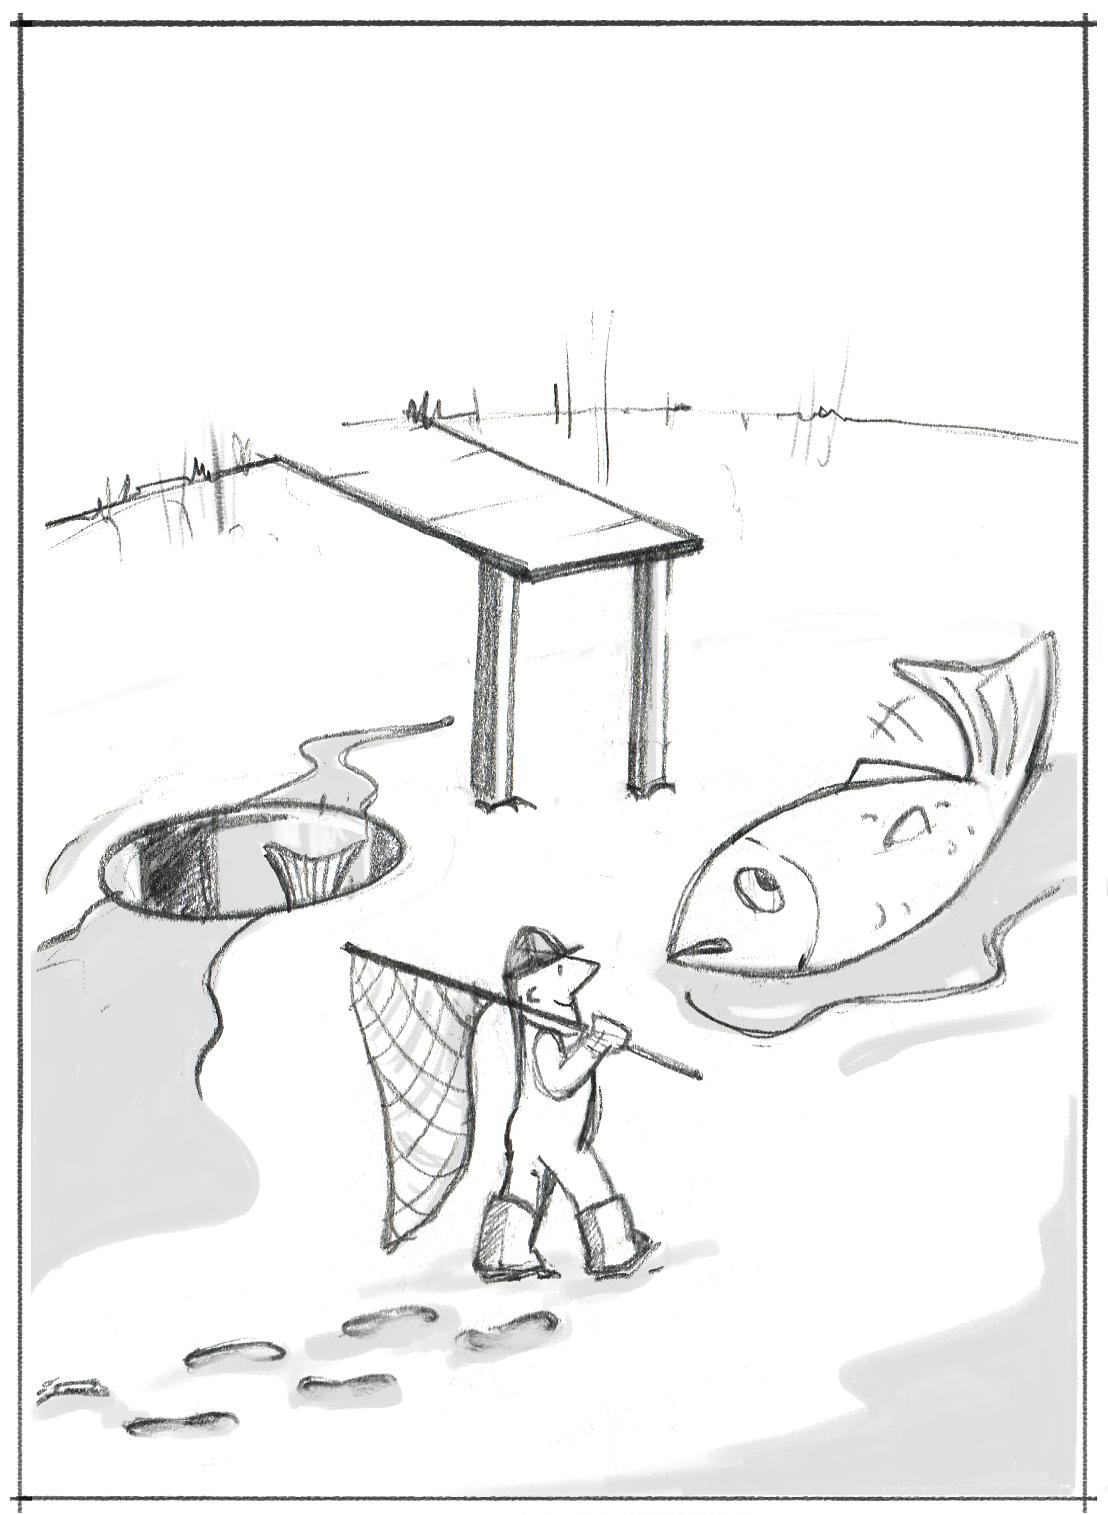 Ds Bild zeigt einen Angler, der den Teich gelehrt hat und jetzt seinen Fisch einsammelt. Das ist wie Headhunter, die ohne Rücksicht auf die Folgen Stars abwerben und dabei bis zum Äußersten gehen.